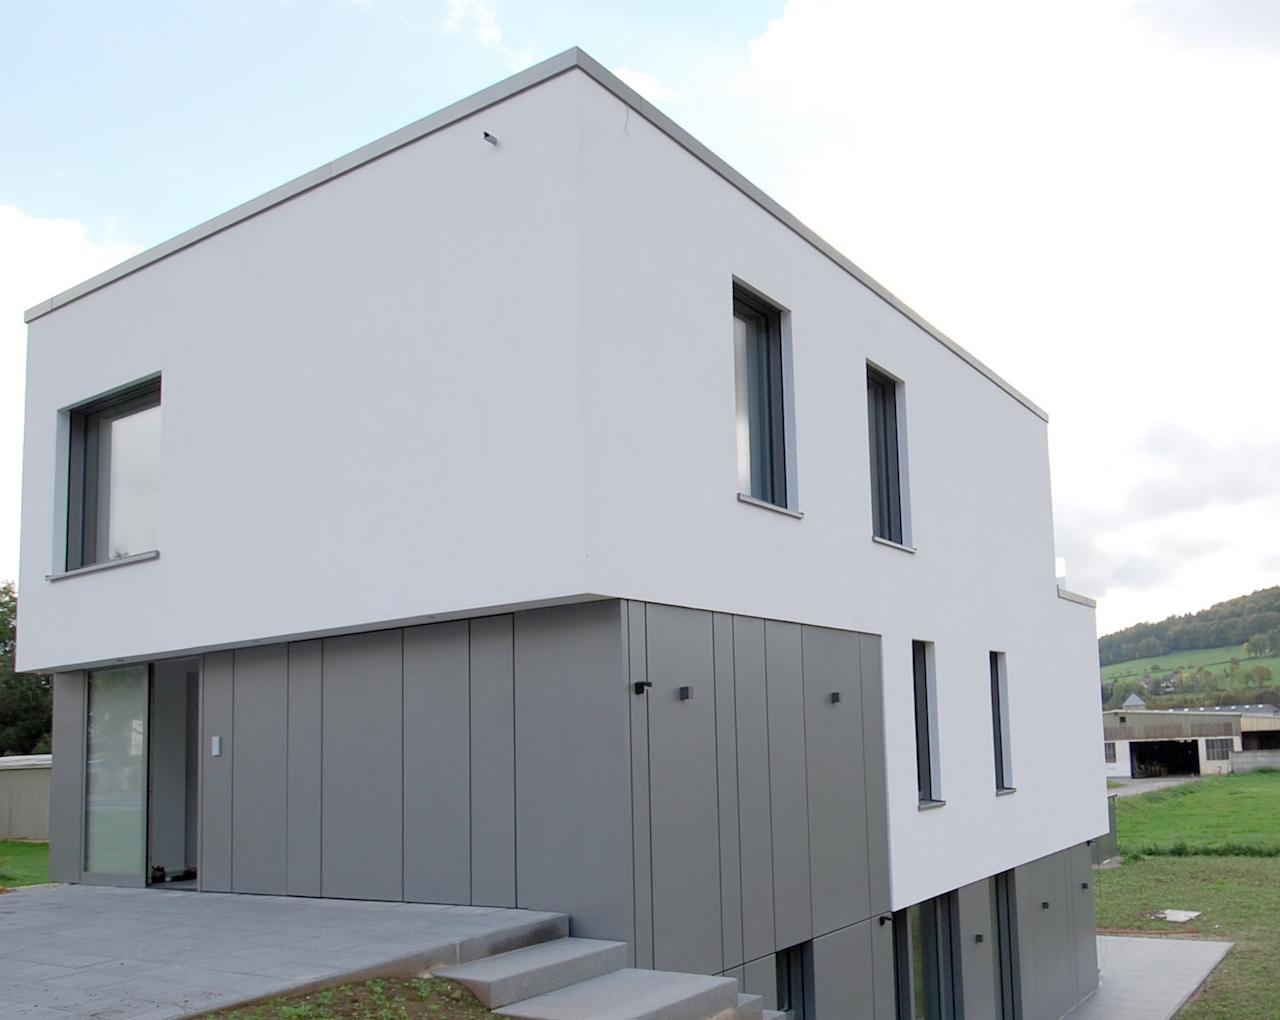 Maison unifamiliale passive à Diekirch